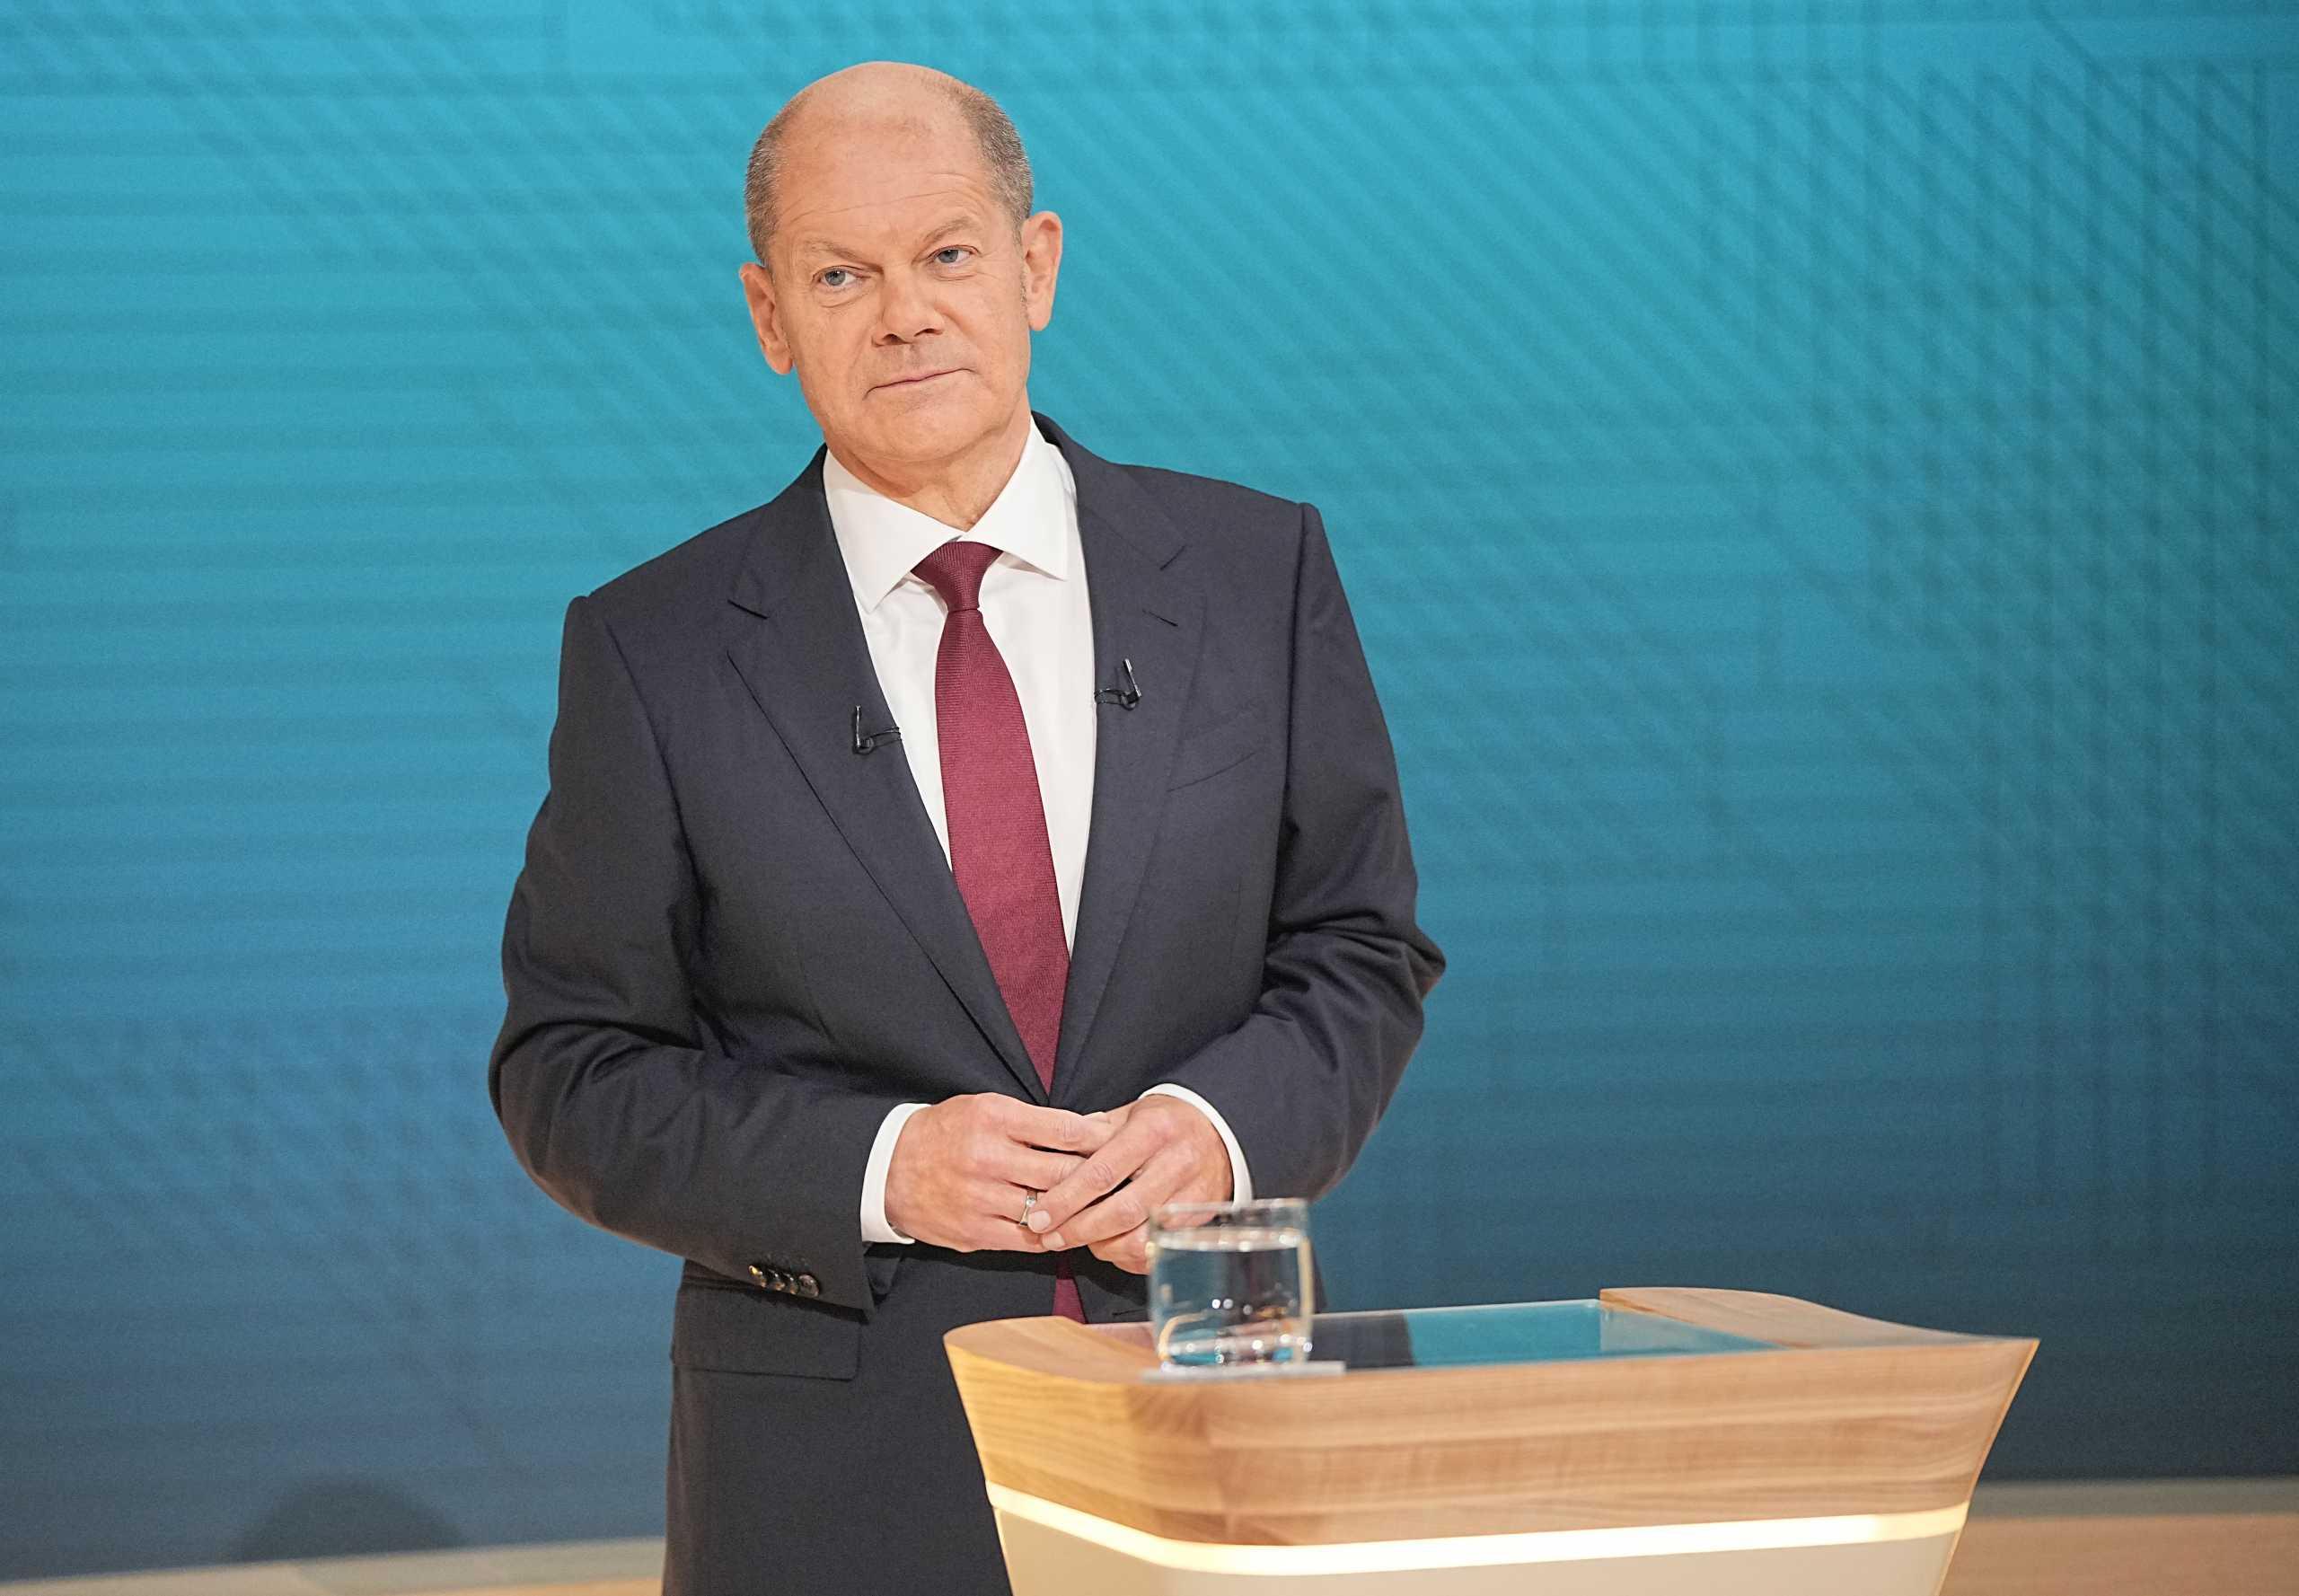 Γερμανία – Εκλογές: Ακόμη ένα debate με νικητή τον Σολτς